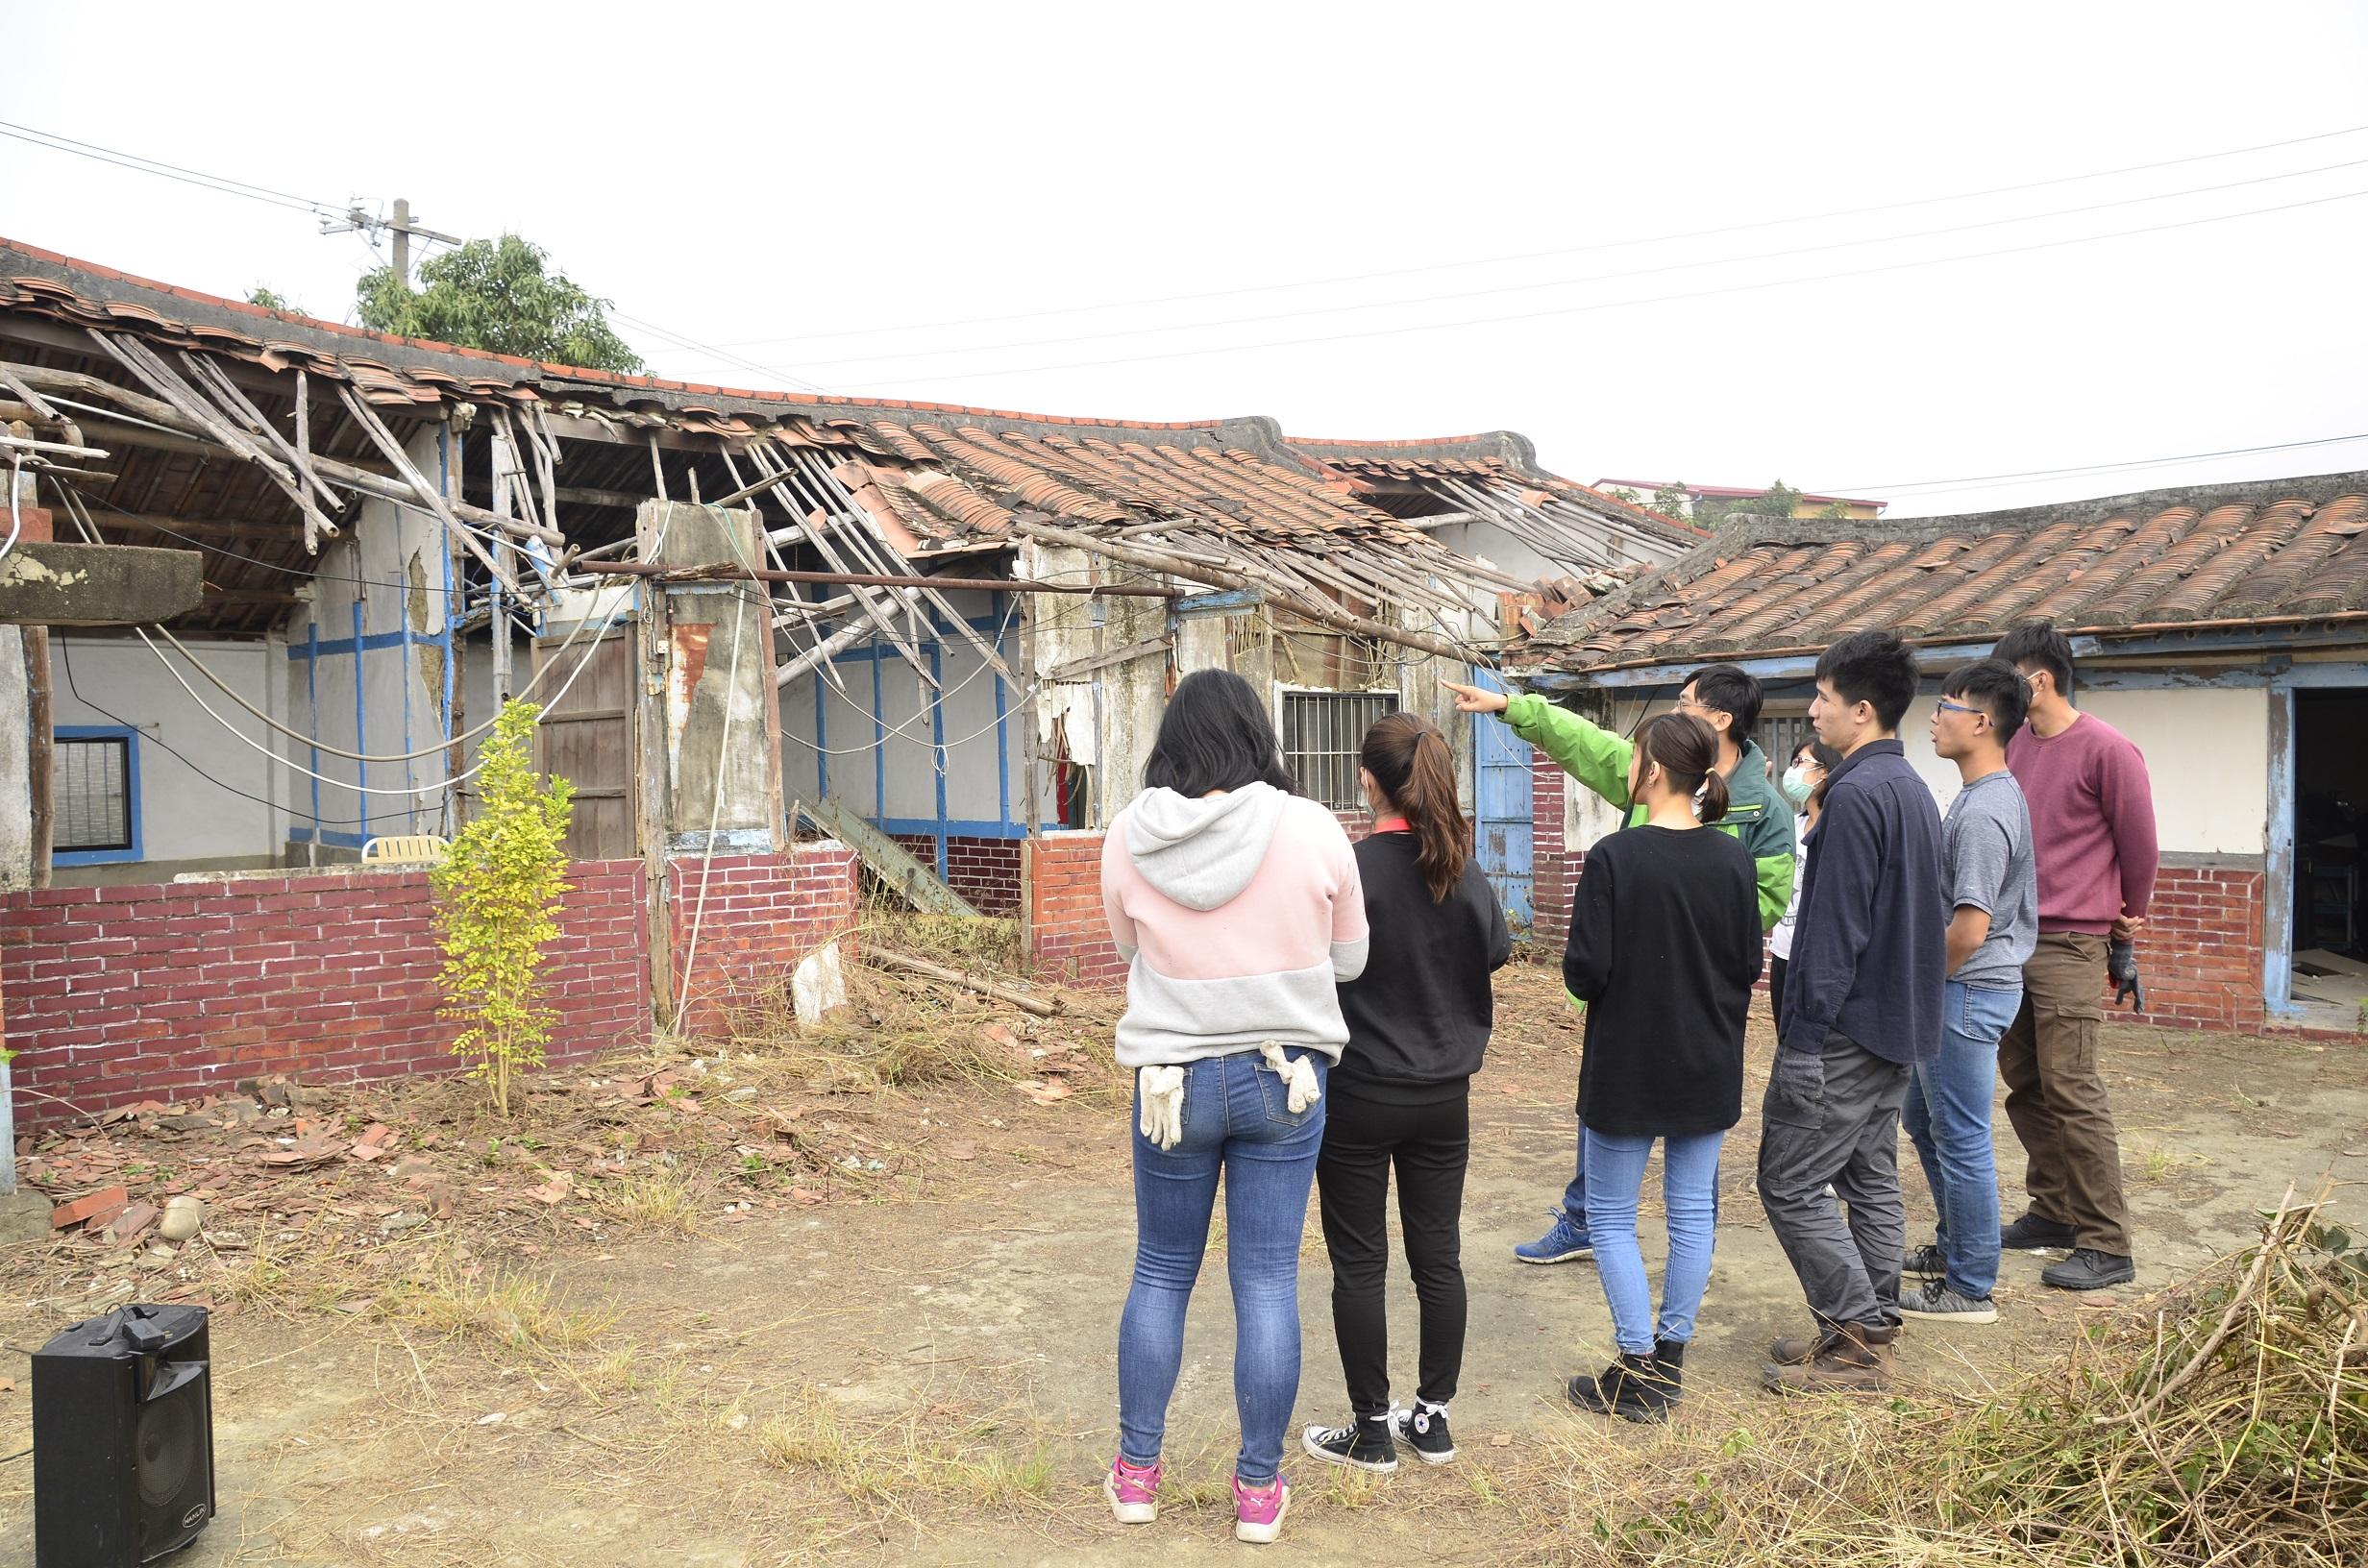 荒廢的老屋雖已塌陷,尚可窺見傳統建造工法.jpg